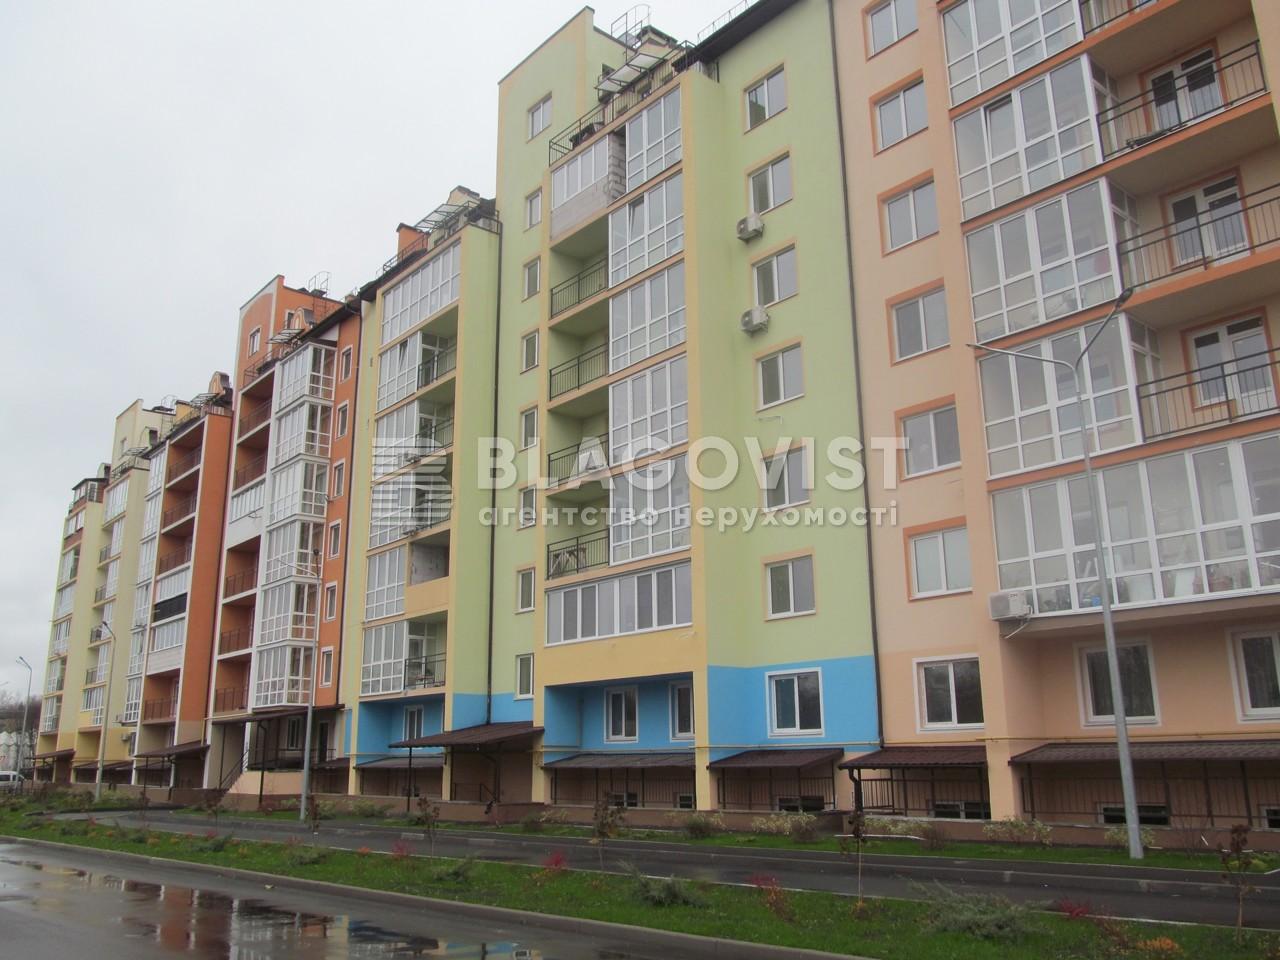 Квартира A-111458, Лебедева Академика, 1 корпус 7, Киев - Фото 2